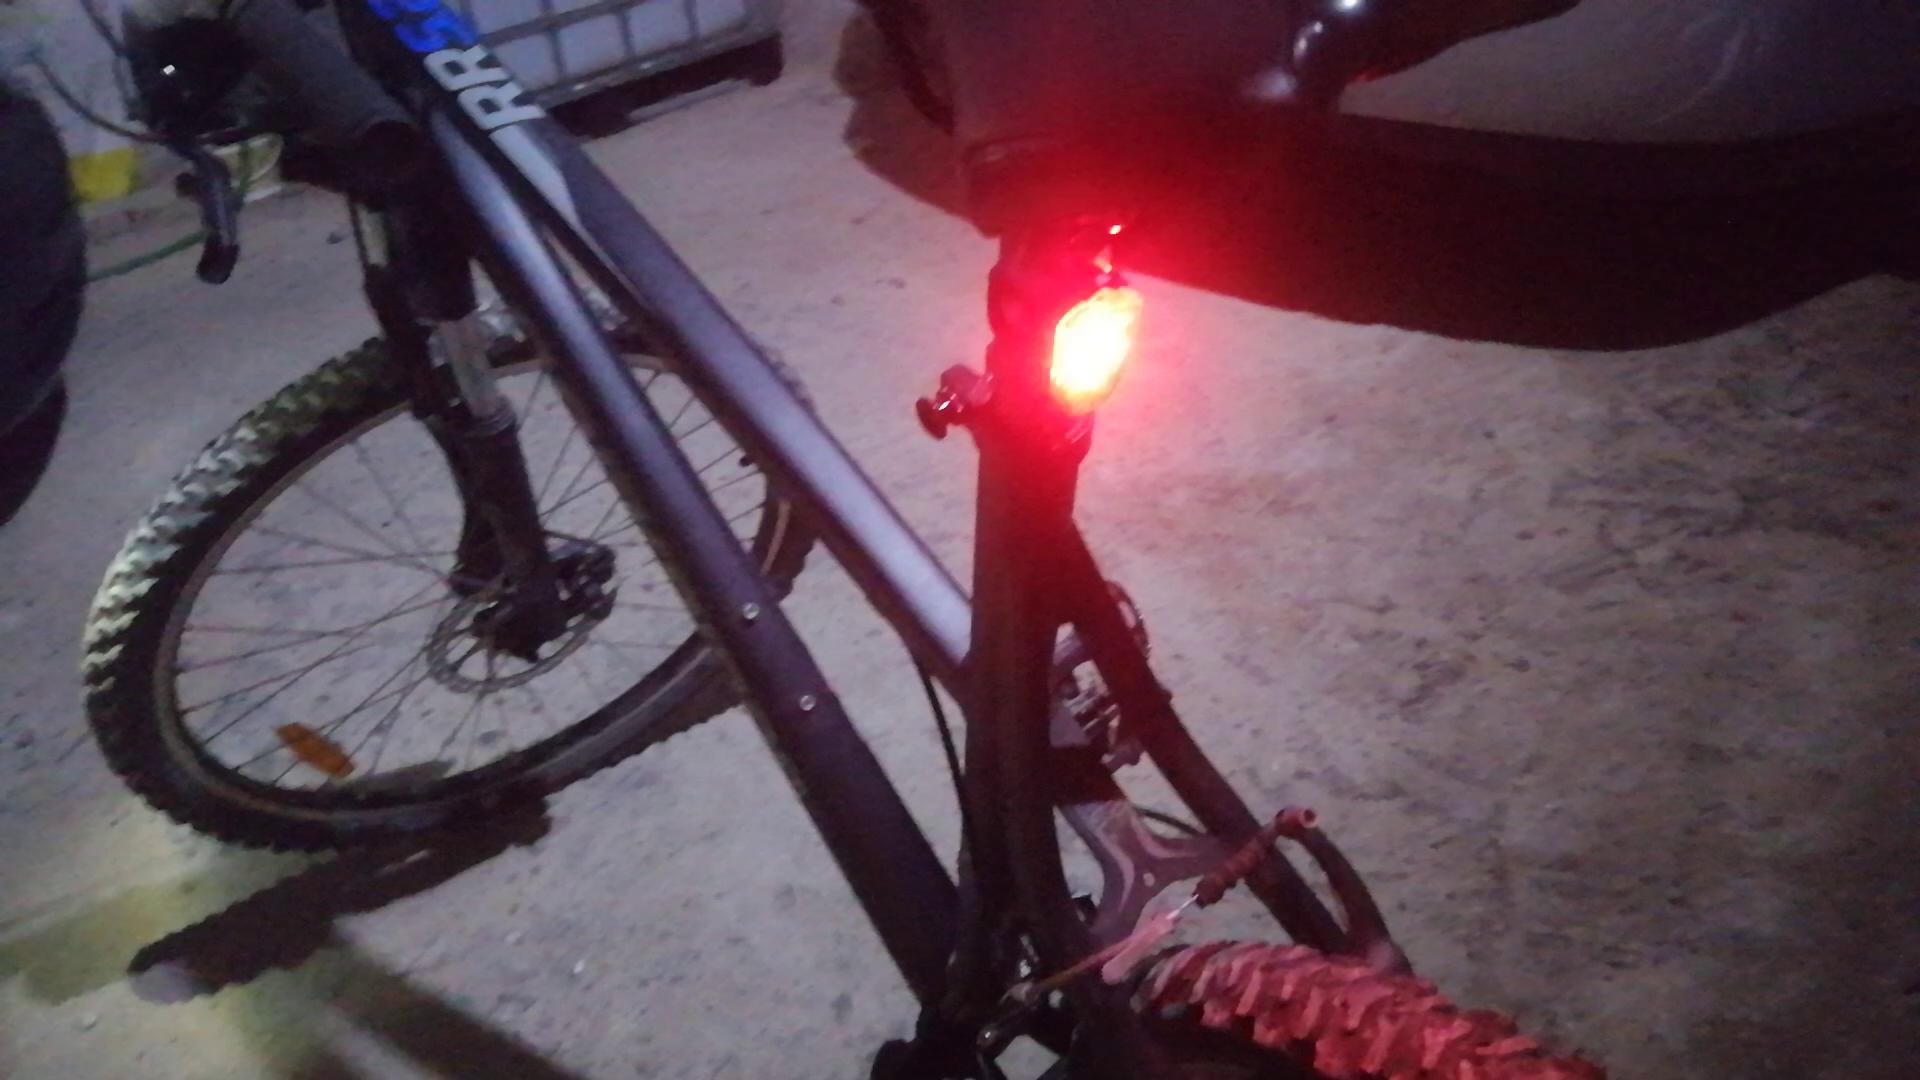 WOSTOO LED Luz Bicicleta, Luces Bicicleta Delantera y Trasera ...